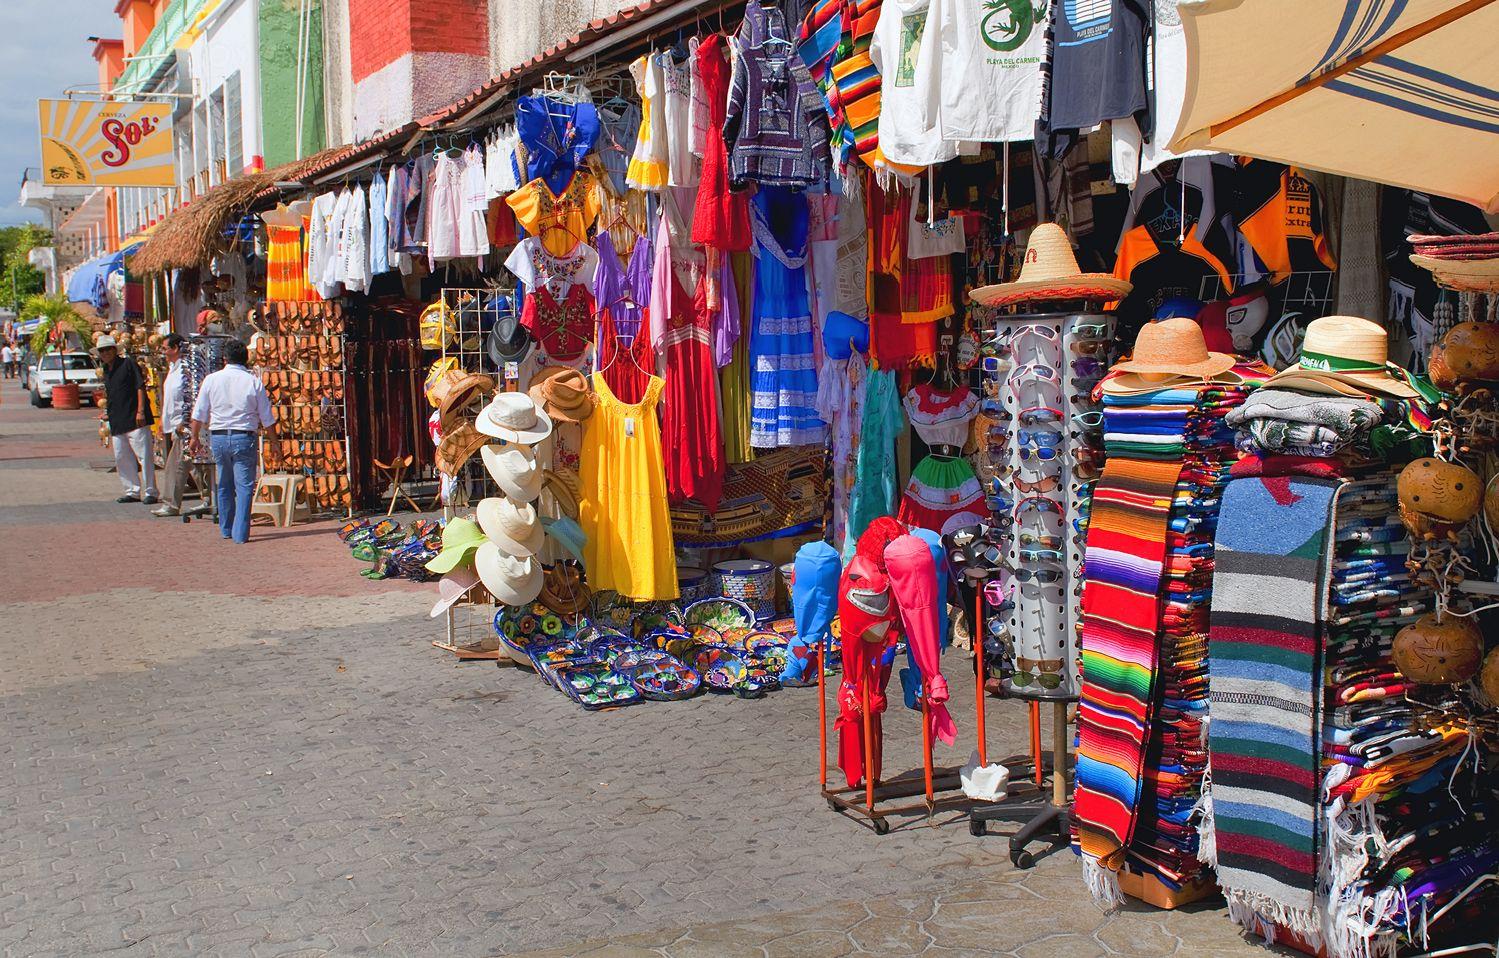 Ассортимент товаров на рынках Доминиканы и Мексики